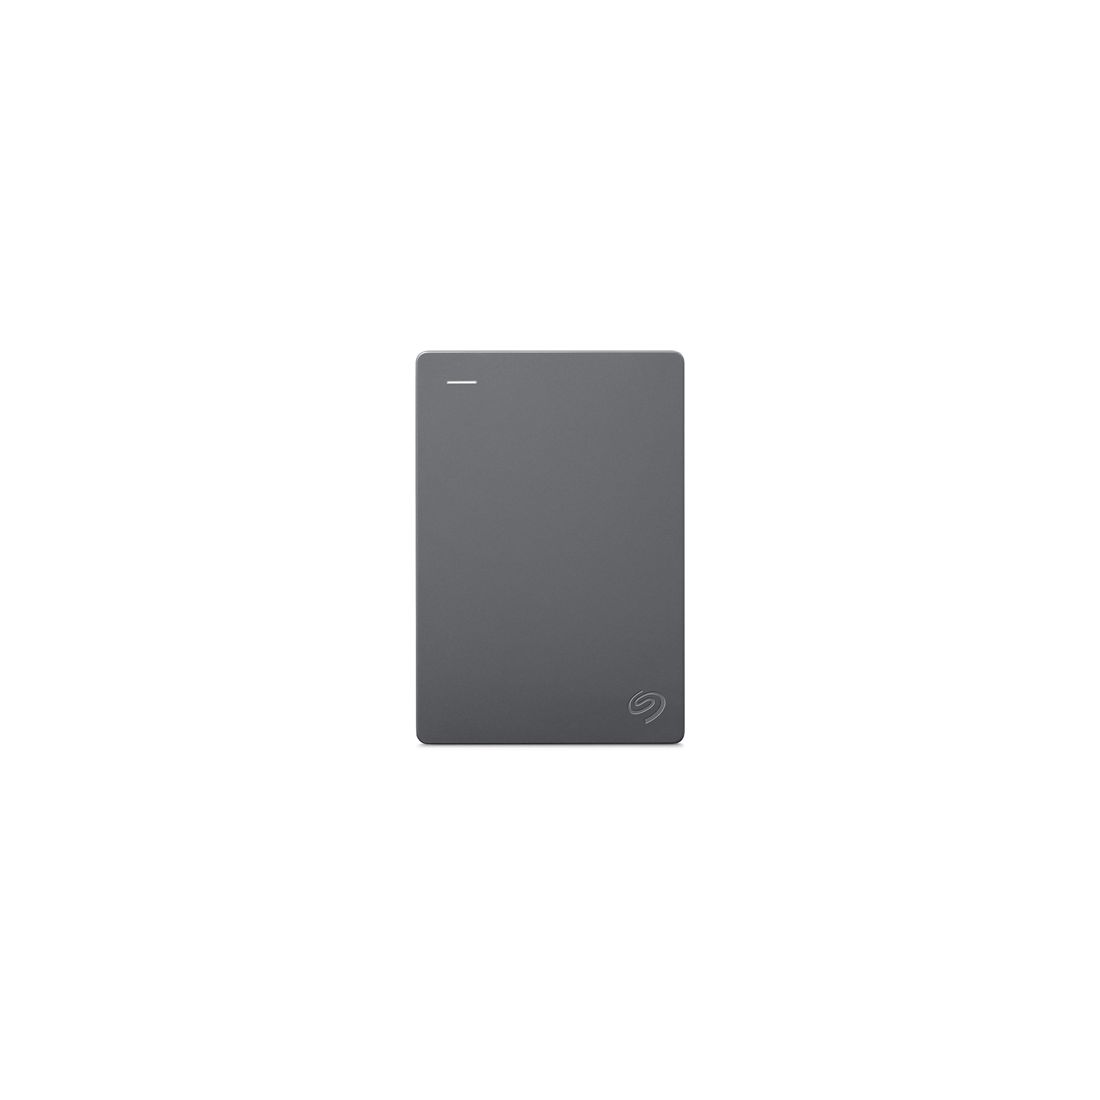 Seagate STJL4000400 4TB 25 USB 30 Negro